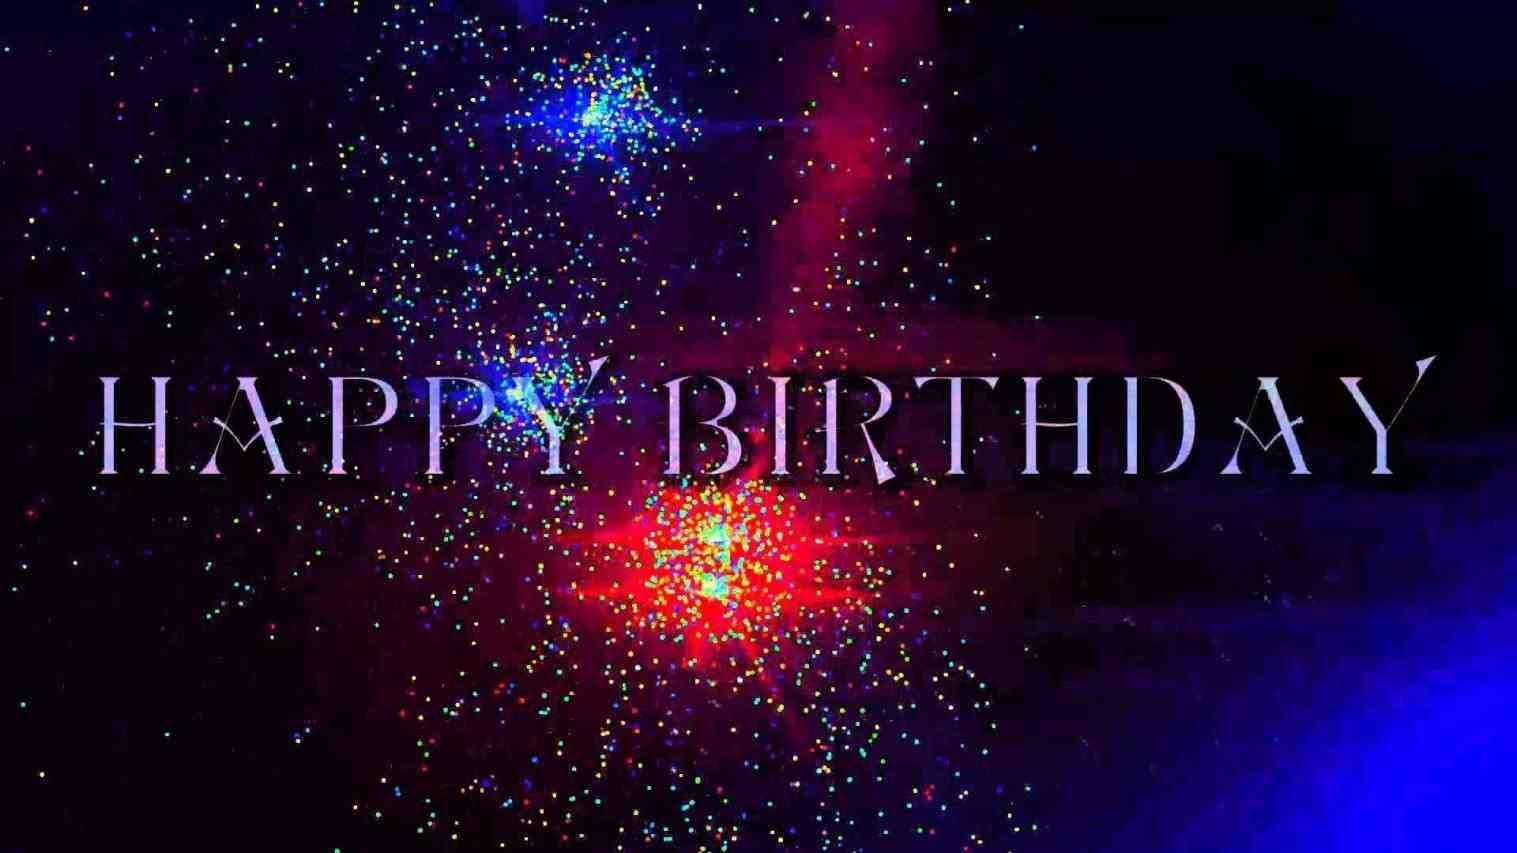 birthday wishes malayalam, whatsapp malayalam, malayalam sms